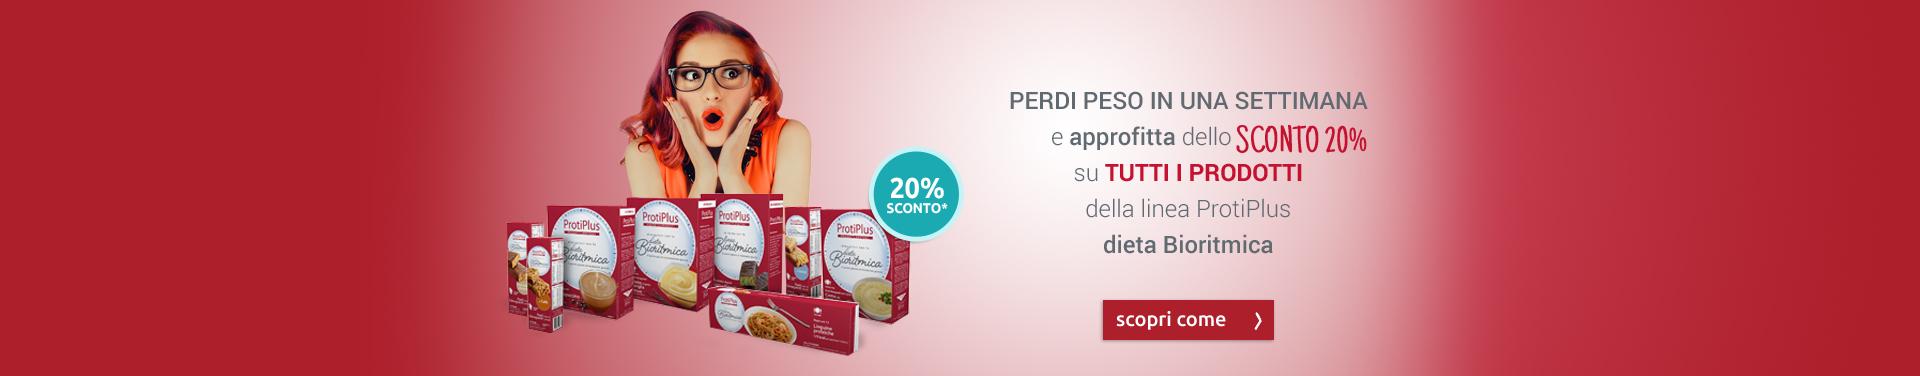 PROTIPLUS - Saldi Luglio, sconto 20%